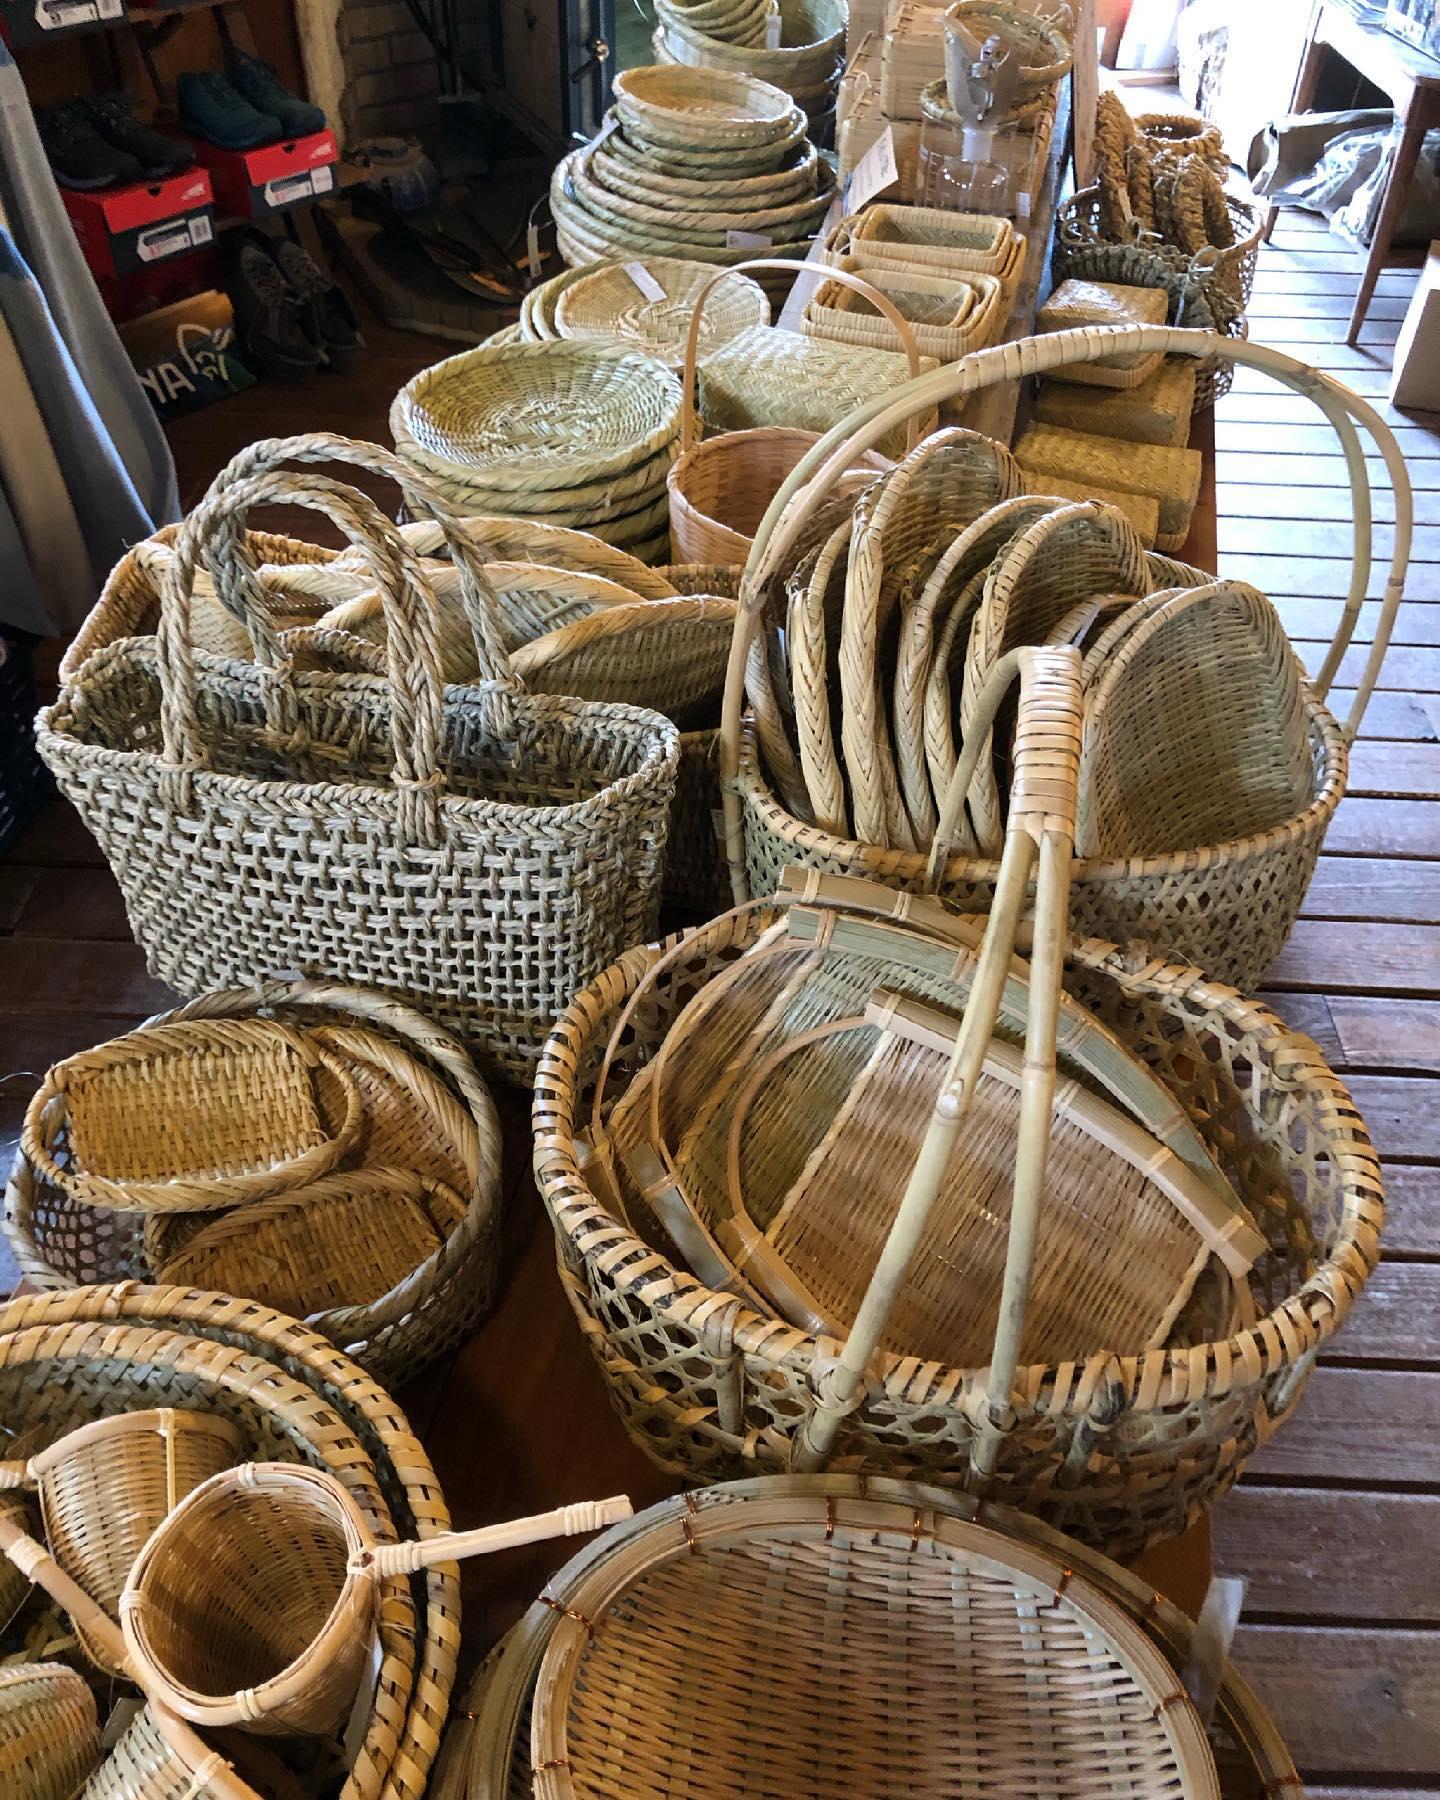 母の日の準備はもうお済みですか?5/9まで営業しております。#薪ストーブ #薪ストーブのある暮らし #アウトドアギア #薪ストーブツール #アパレル #アウトドアアパレル #暮らしの道具 #キッチンウェア #ガーデンツール #荒物屋 #食品 #自然食品 #有機食品 #セレクトショップ #山の暮らしのお手伝い #八ヶ岳の薪ストーブ専門店 #ストーブハウス原村 #原村 #富士見 #蓼科 #八ヶ岳 #母の日プレゼント #母の日 #母 #プレゼント#ギフト#いつもありがとう #感謝 #感謝の気持ち @stovehouse.woodstove